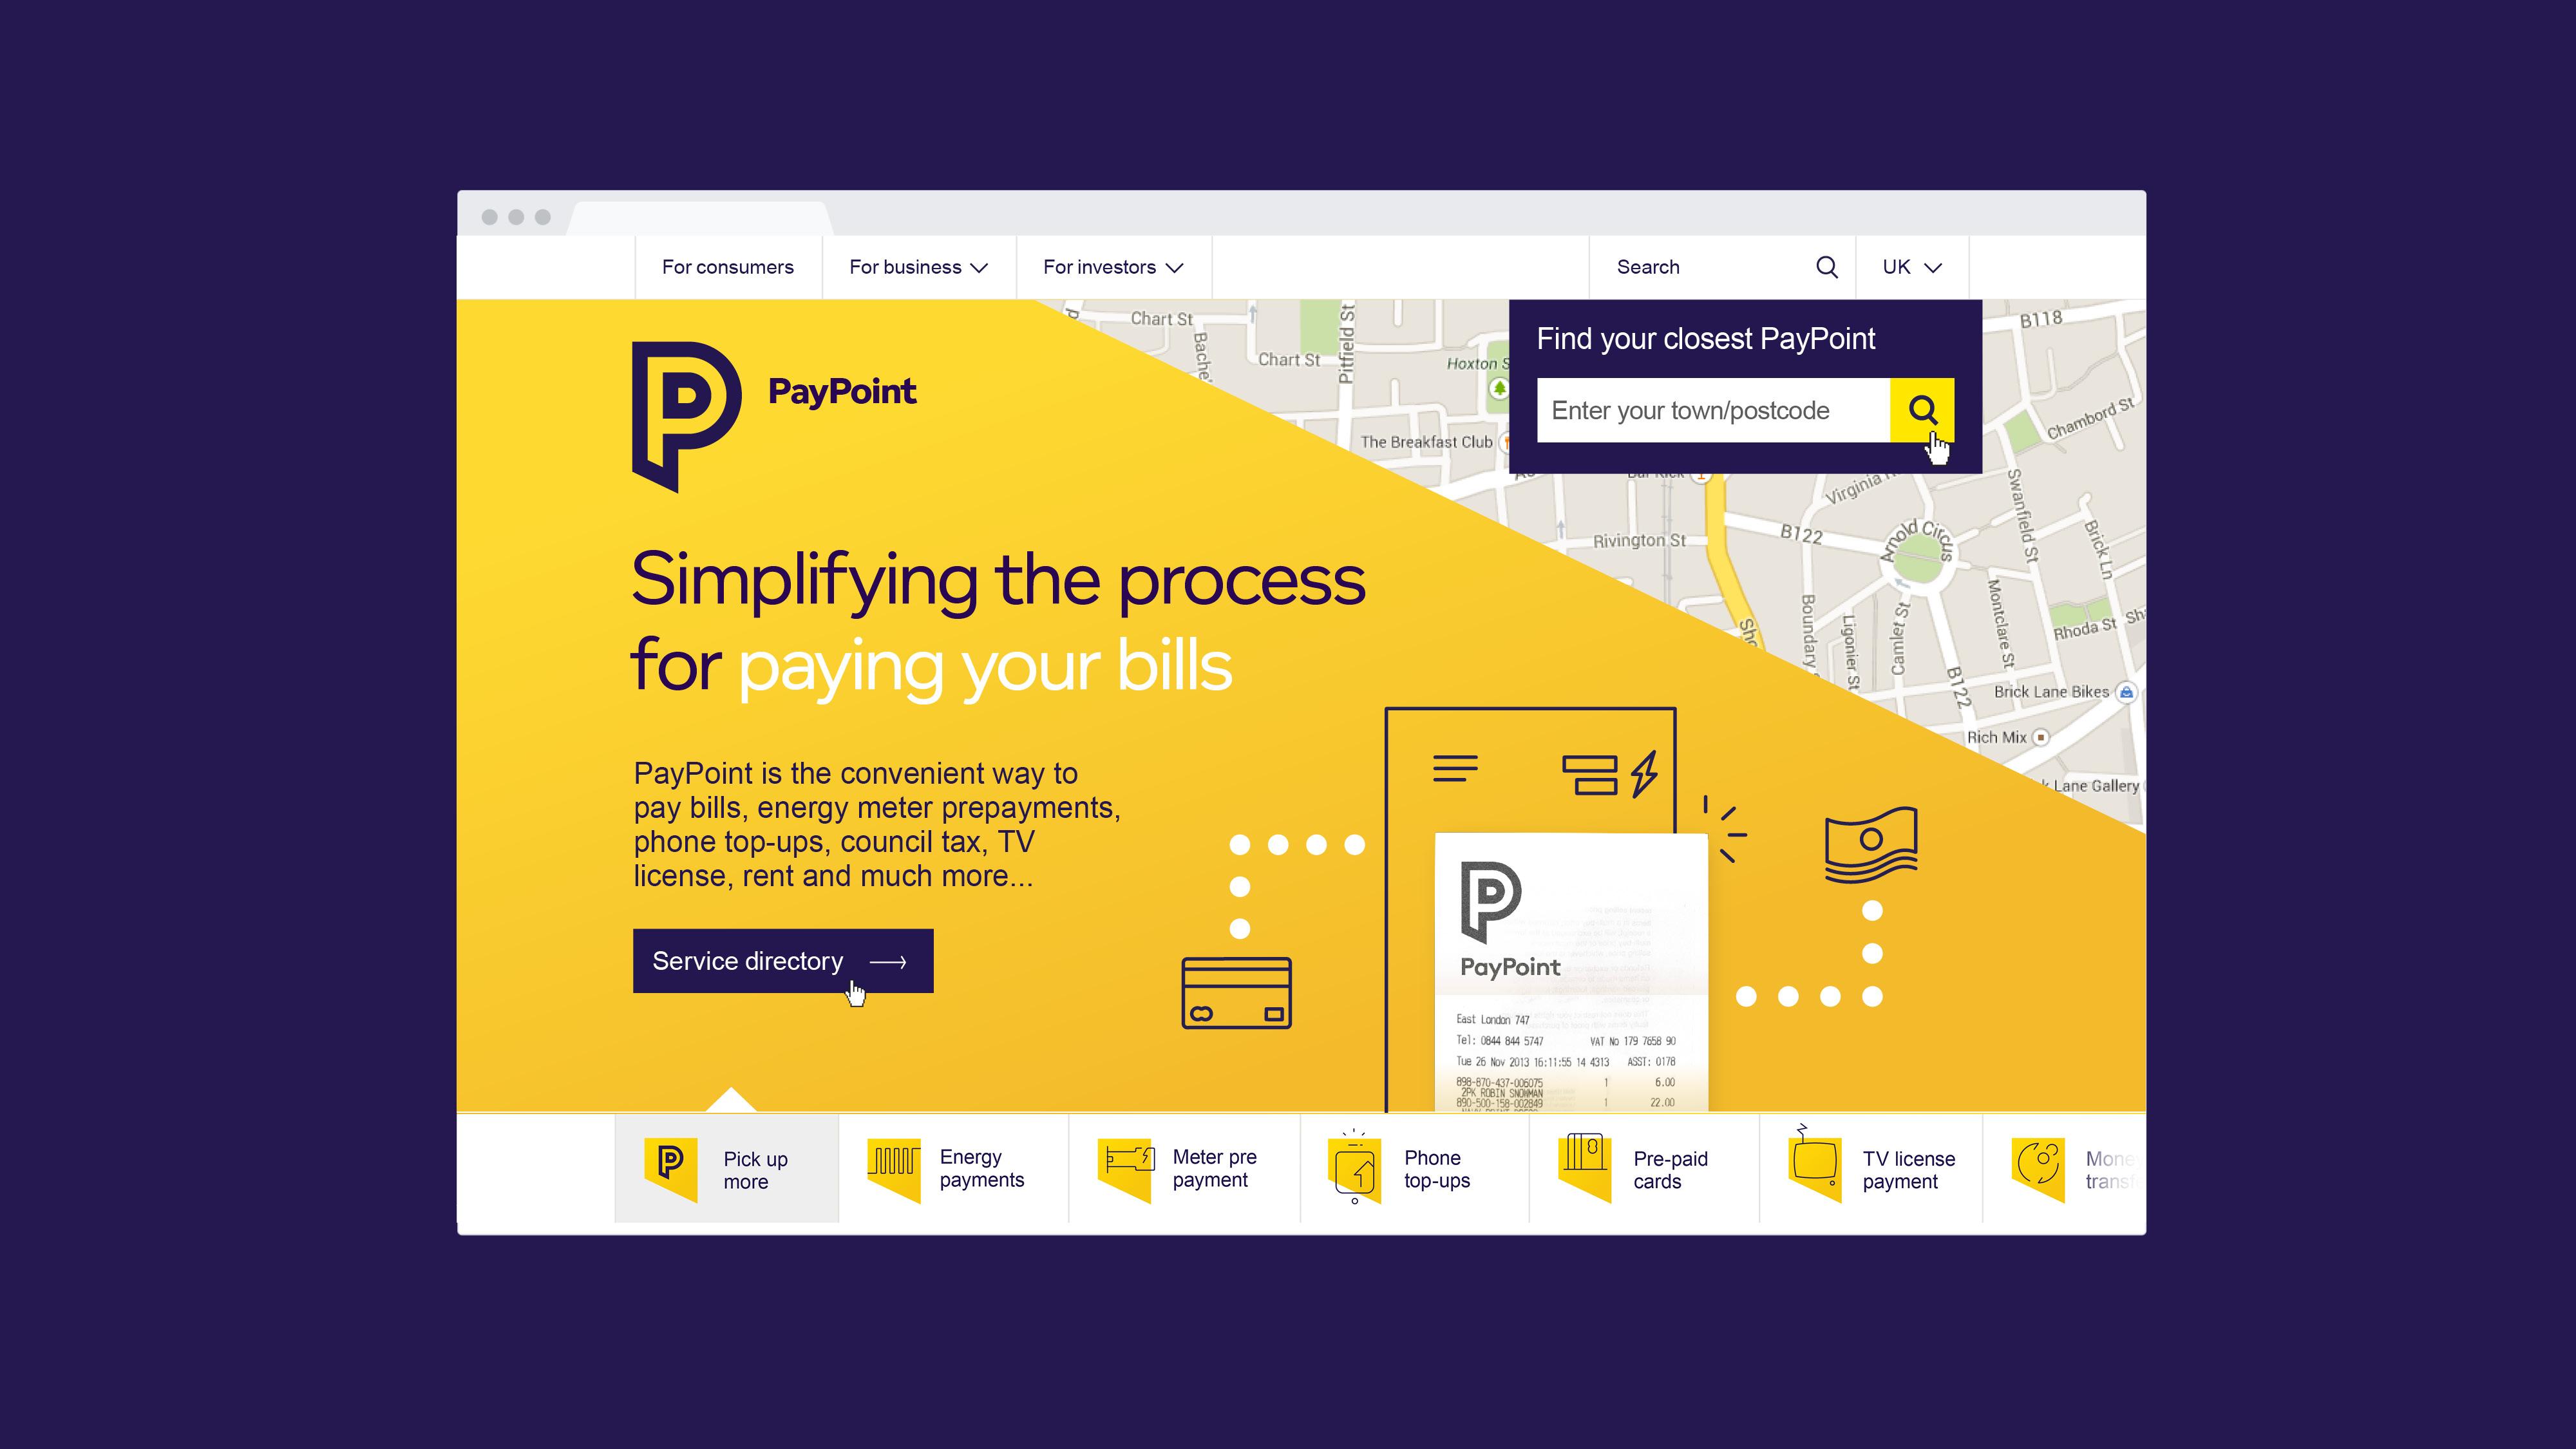 Chris_Pitney_2020_Portfolio_Paypoint10